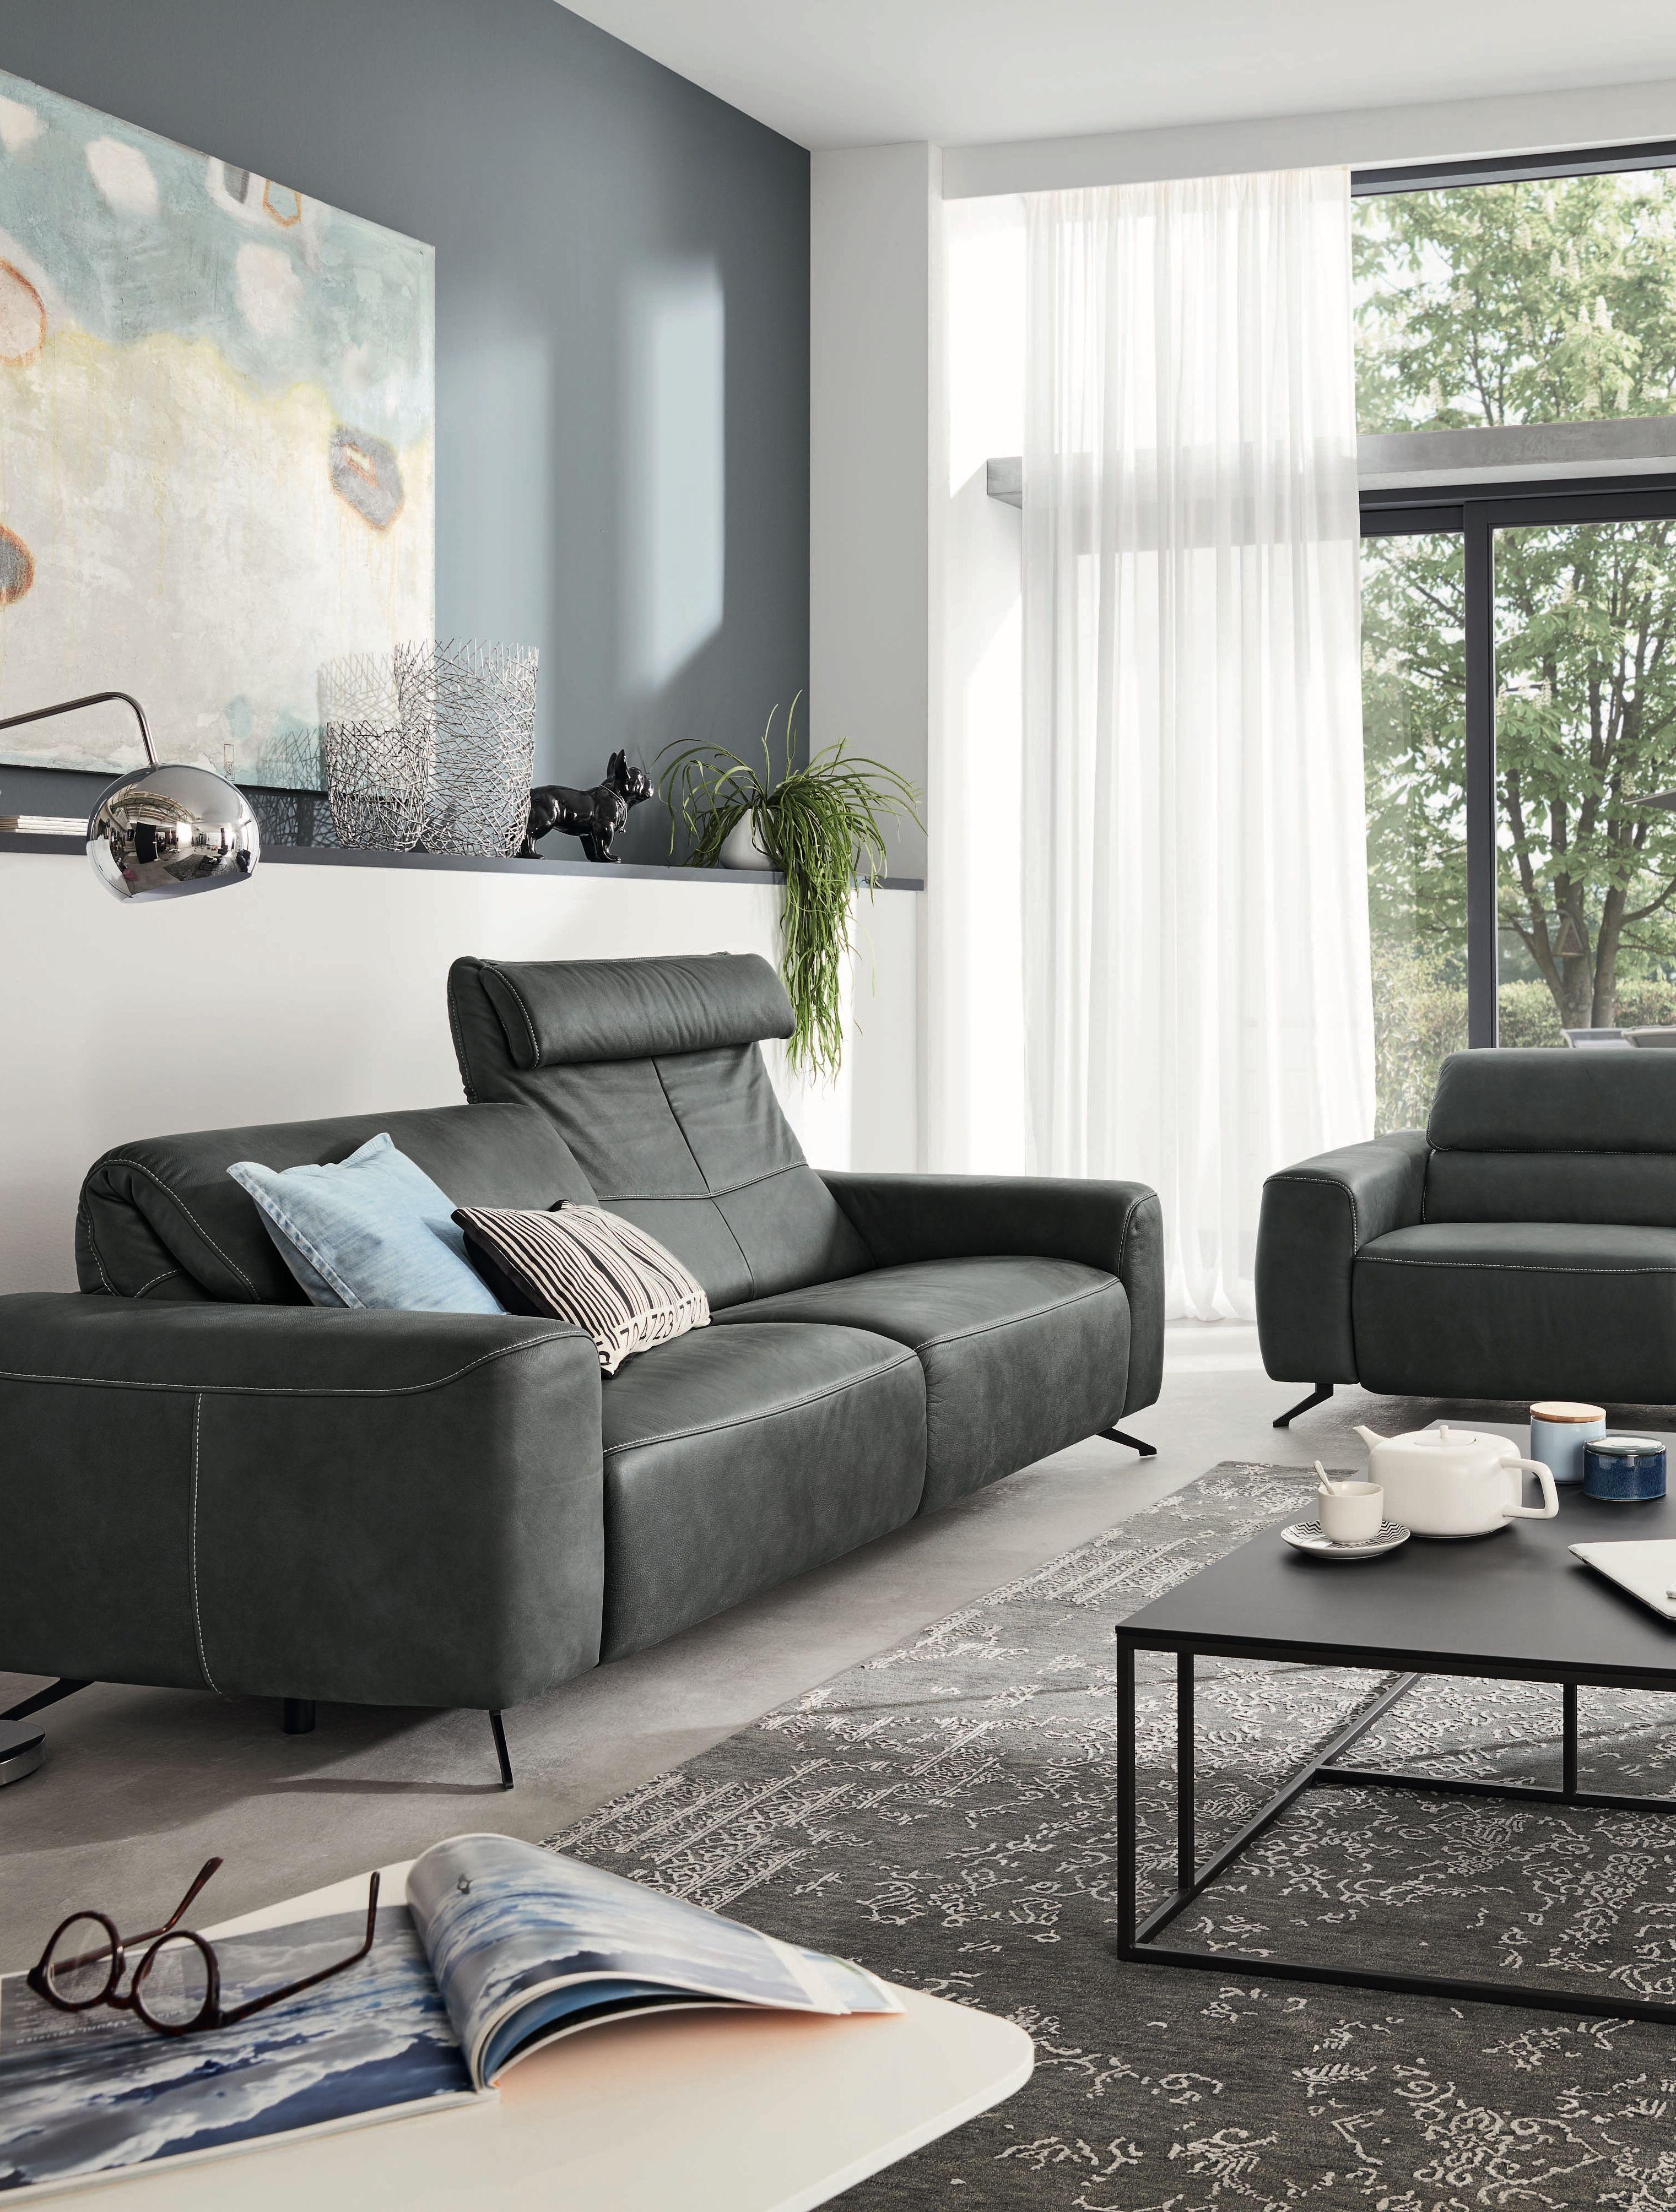 Lieblingssofa In Schwarzem Leder Wohnzimmer Einrichten Wohnzimmereinrichtung Mobel